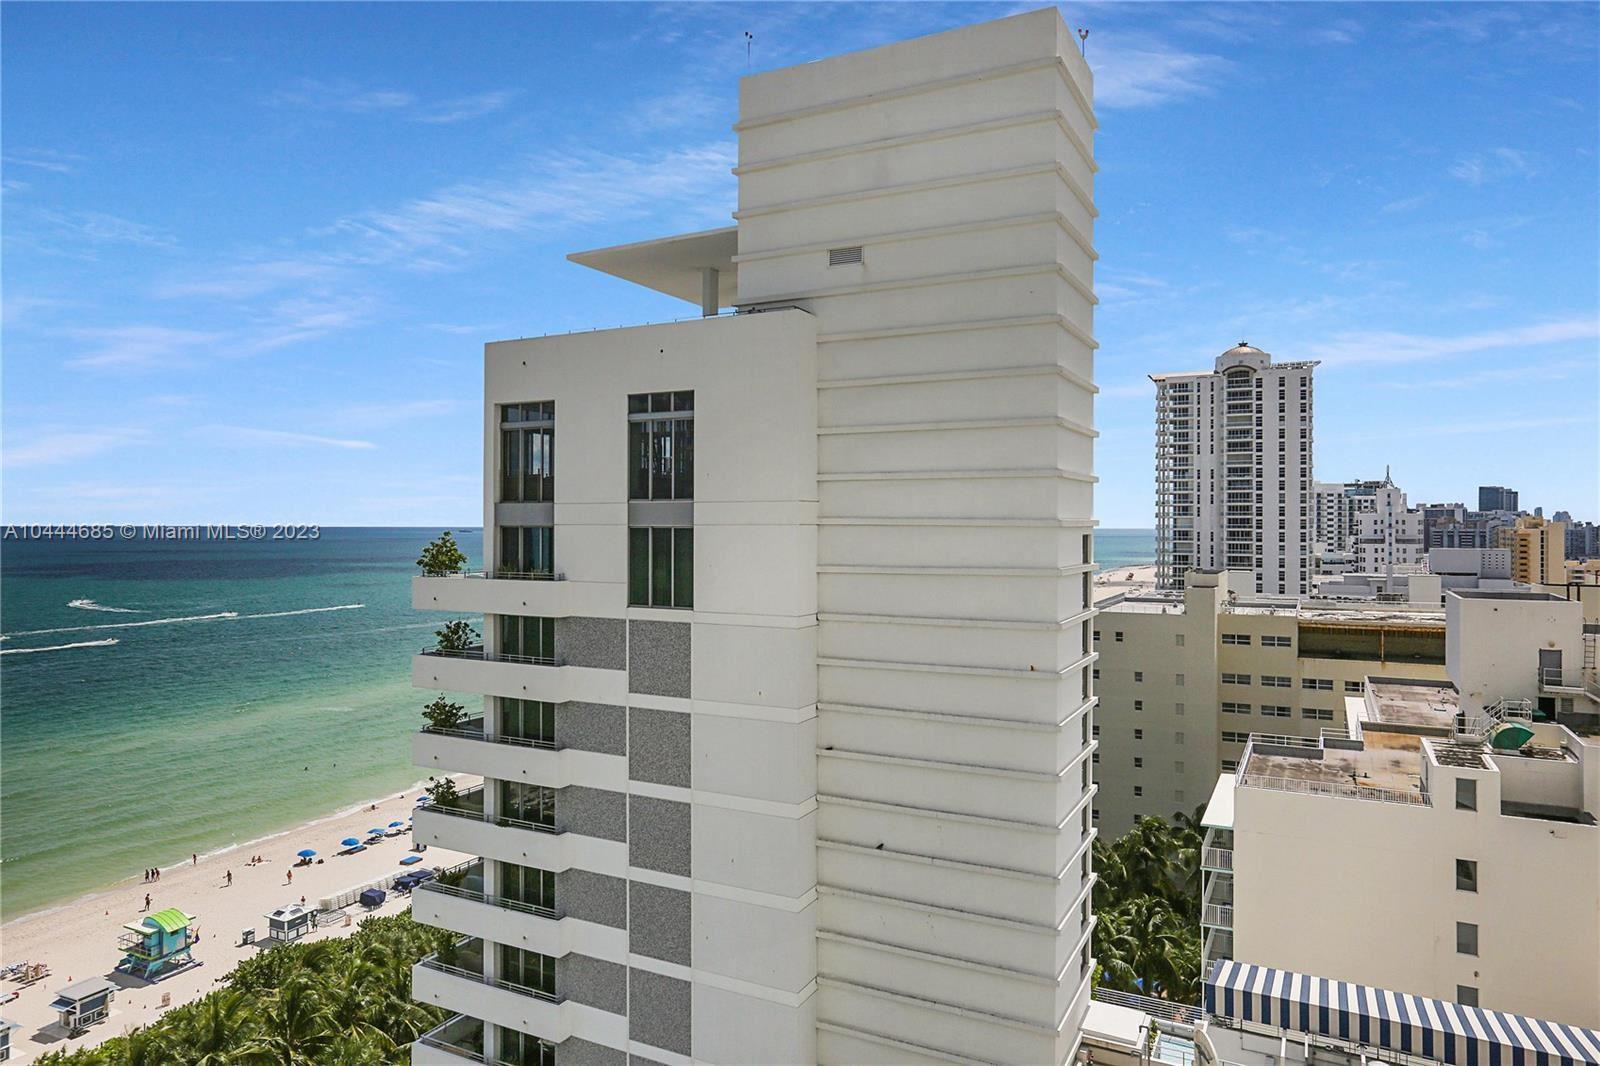 4391 COLLINS AVE #1415, Miami Beach, FL 33140 - #: A10444685